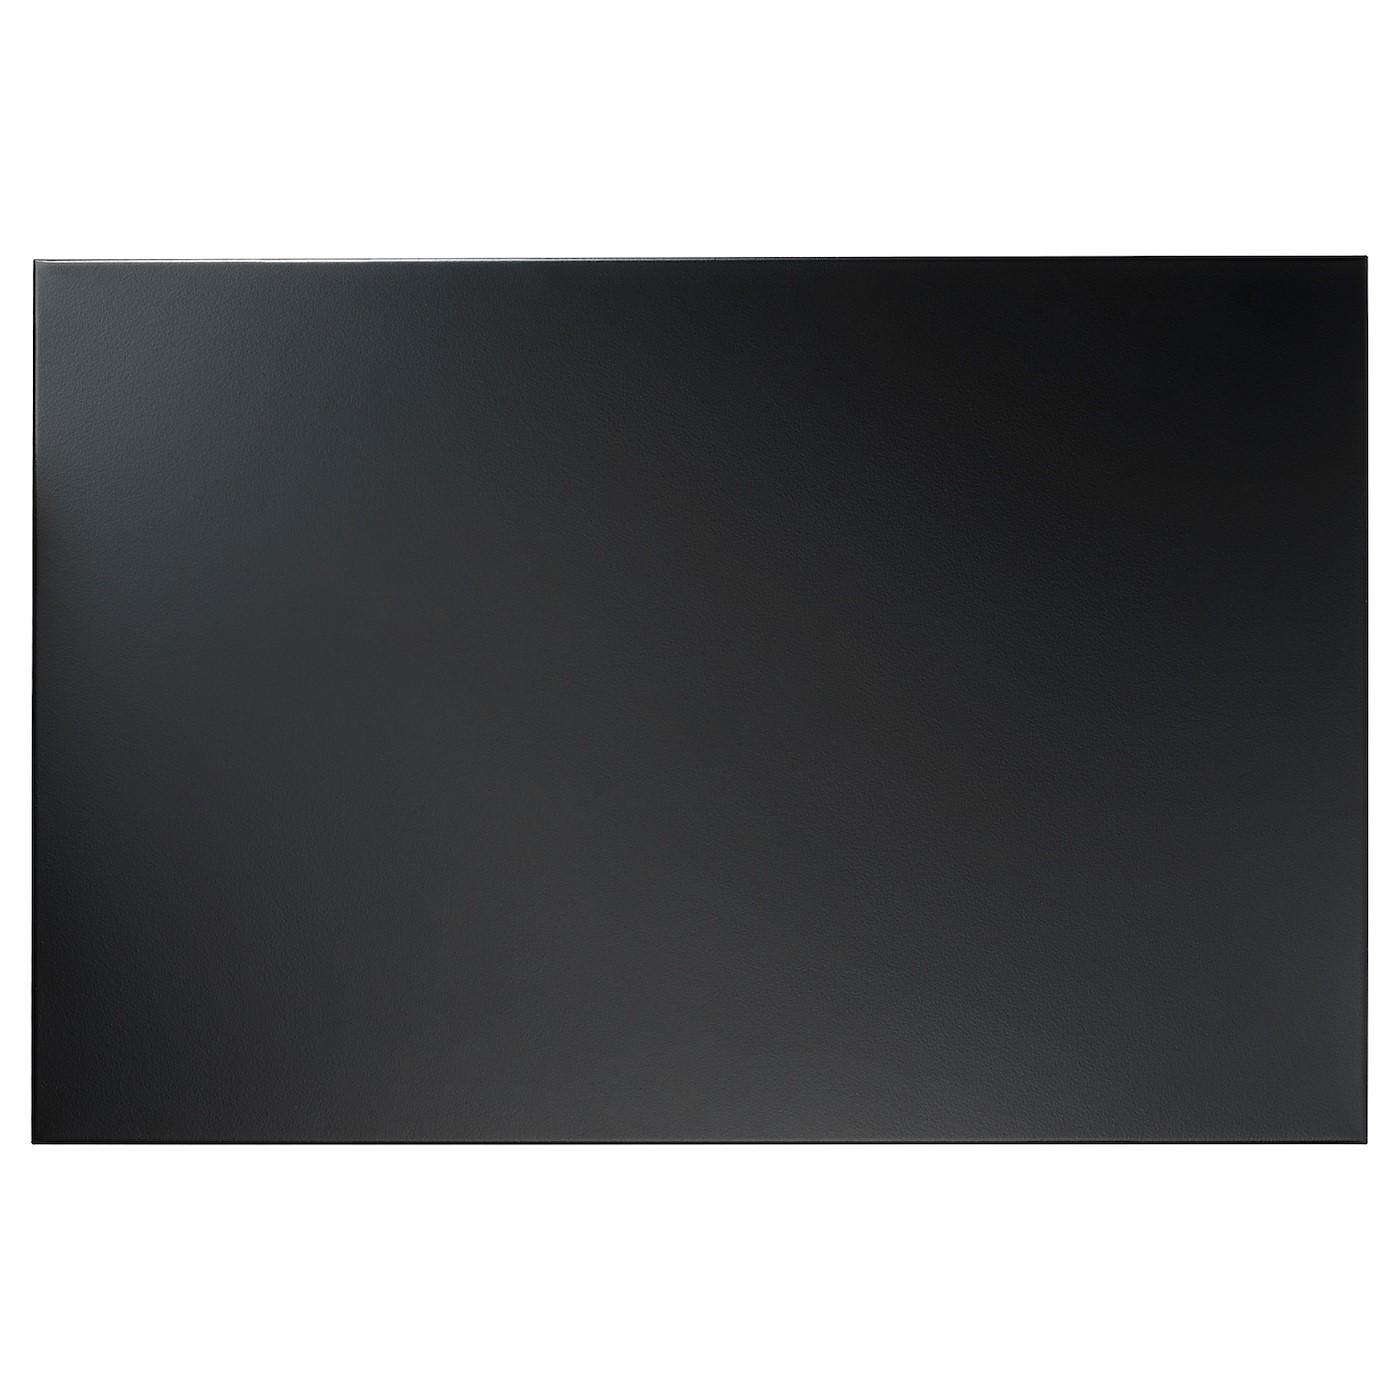 IKEA SVENSÅS доска для записей черный 40x60 см 204.403.62